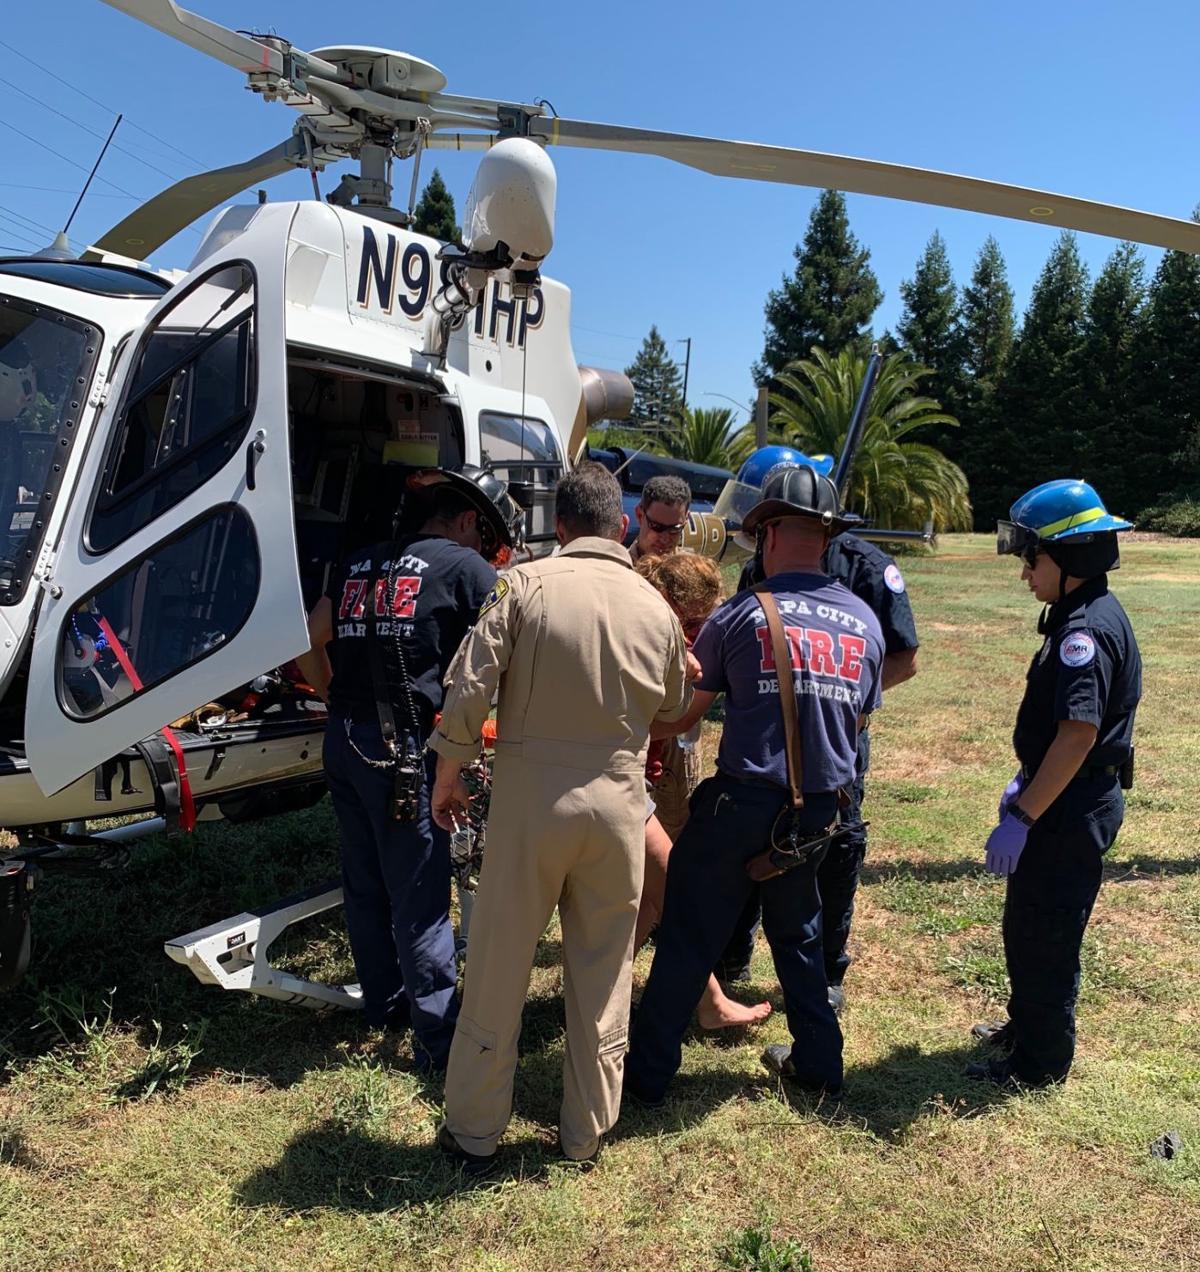 Napa Fire rescue 8/2